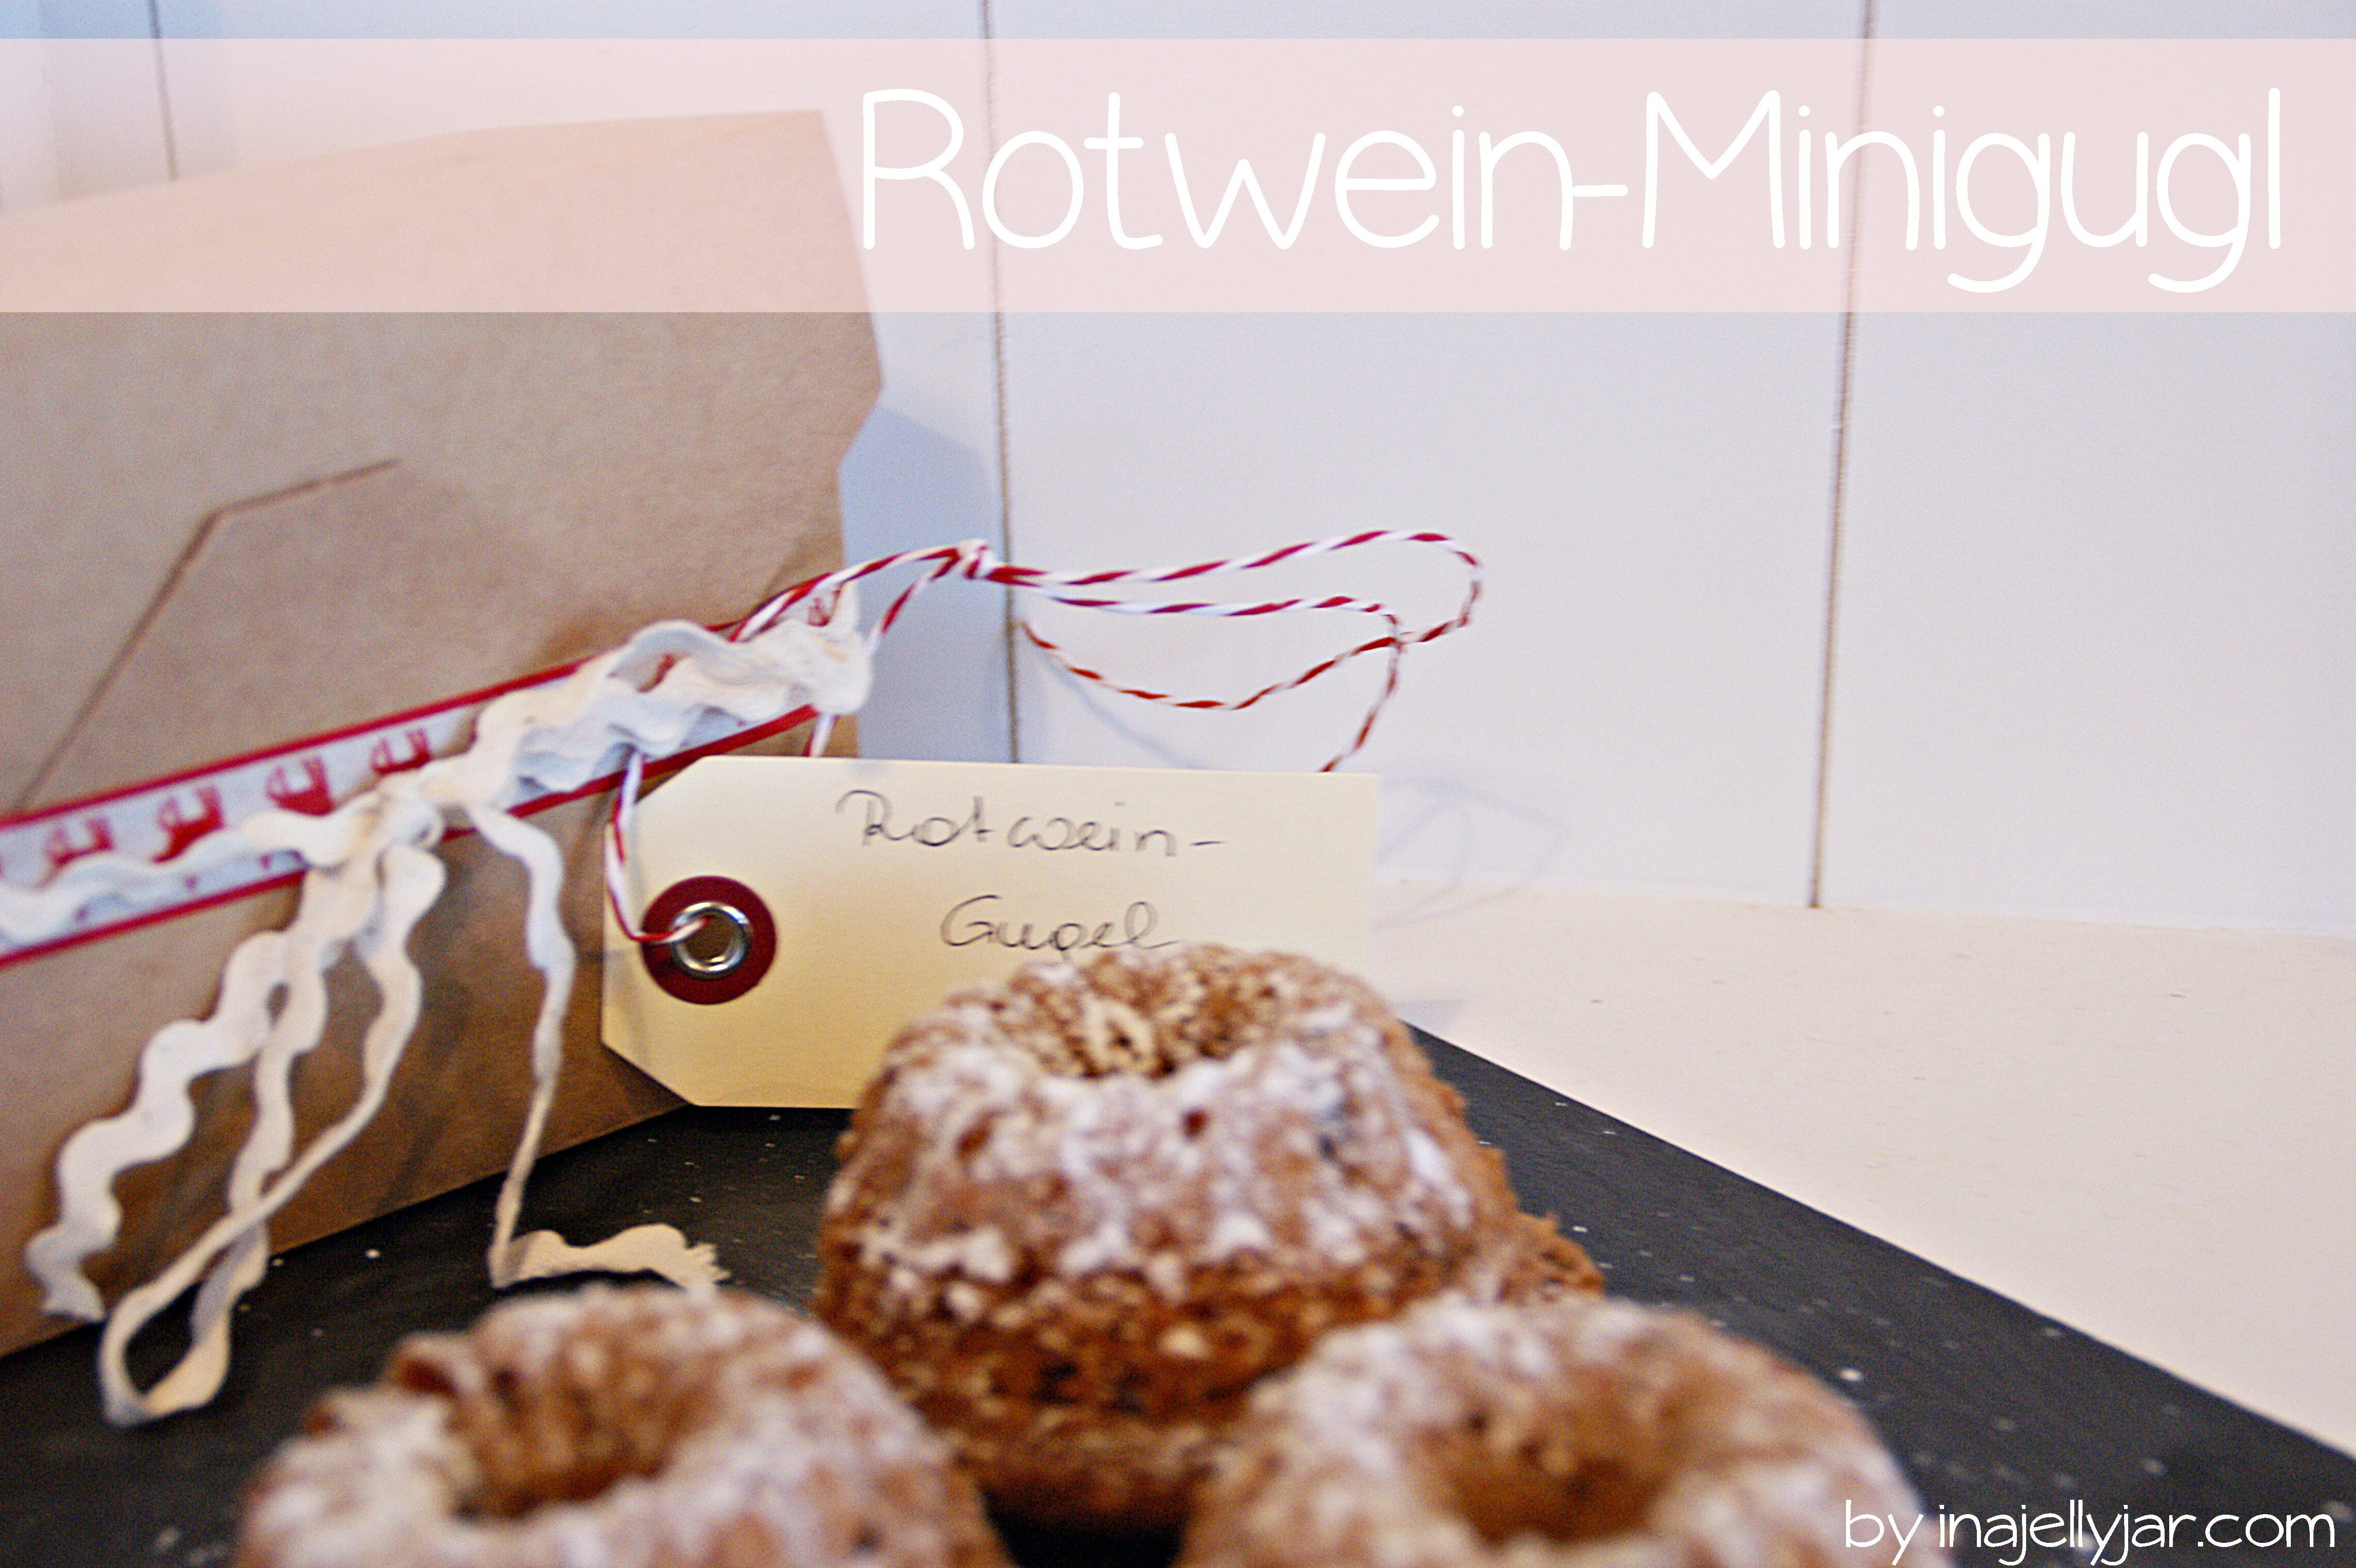 Rotwein Mini-Gugl | Post aus meiner Küche #1 - moment in a jelly jar